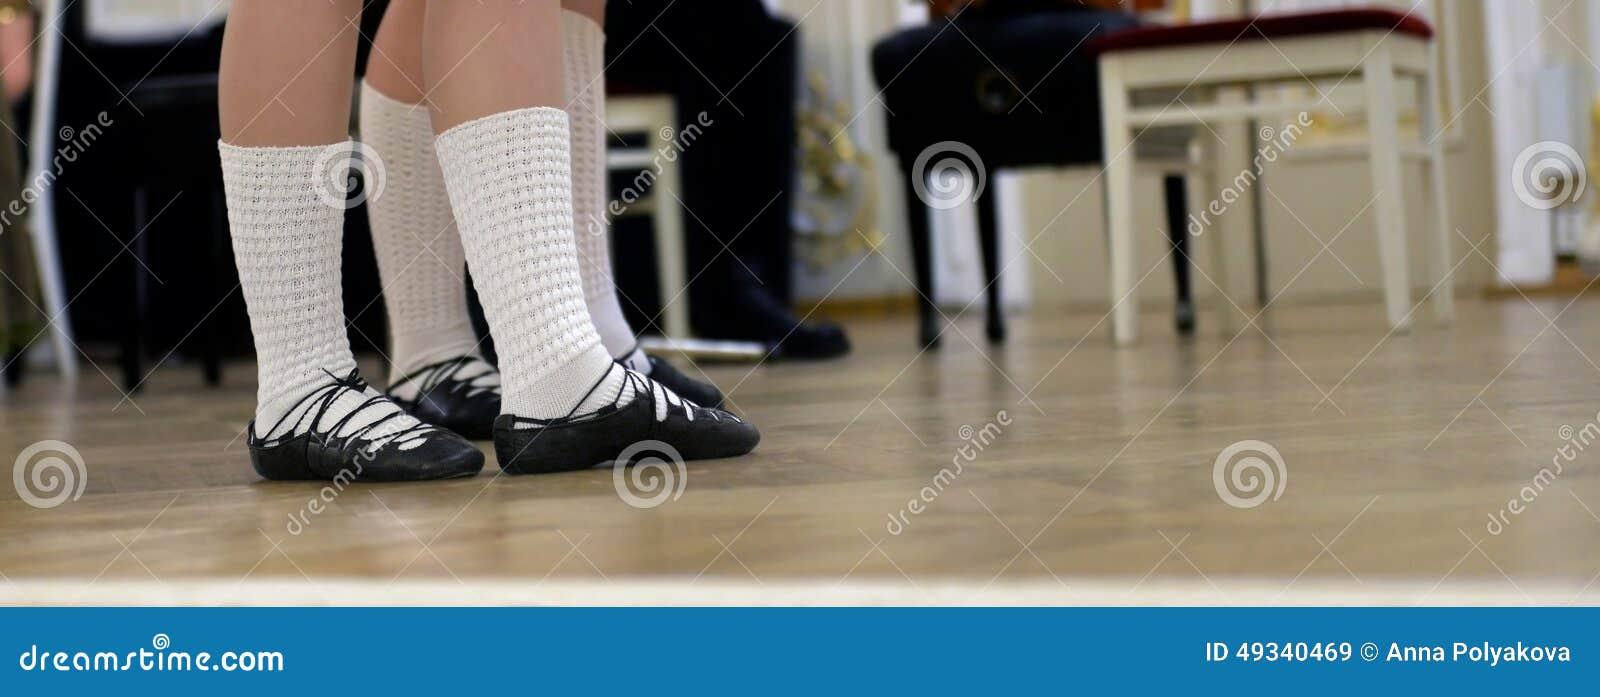 在凯尔特舞蹈的鞋子穿上鞋子的舞蹈家脚